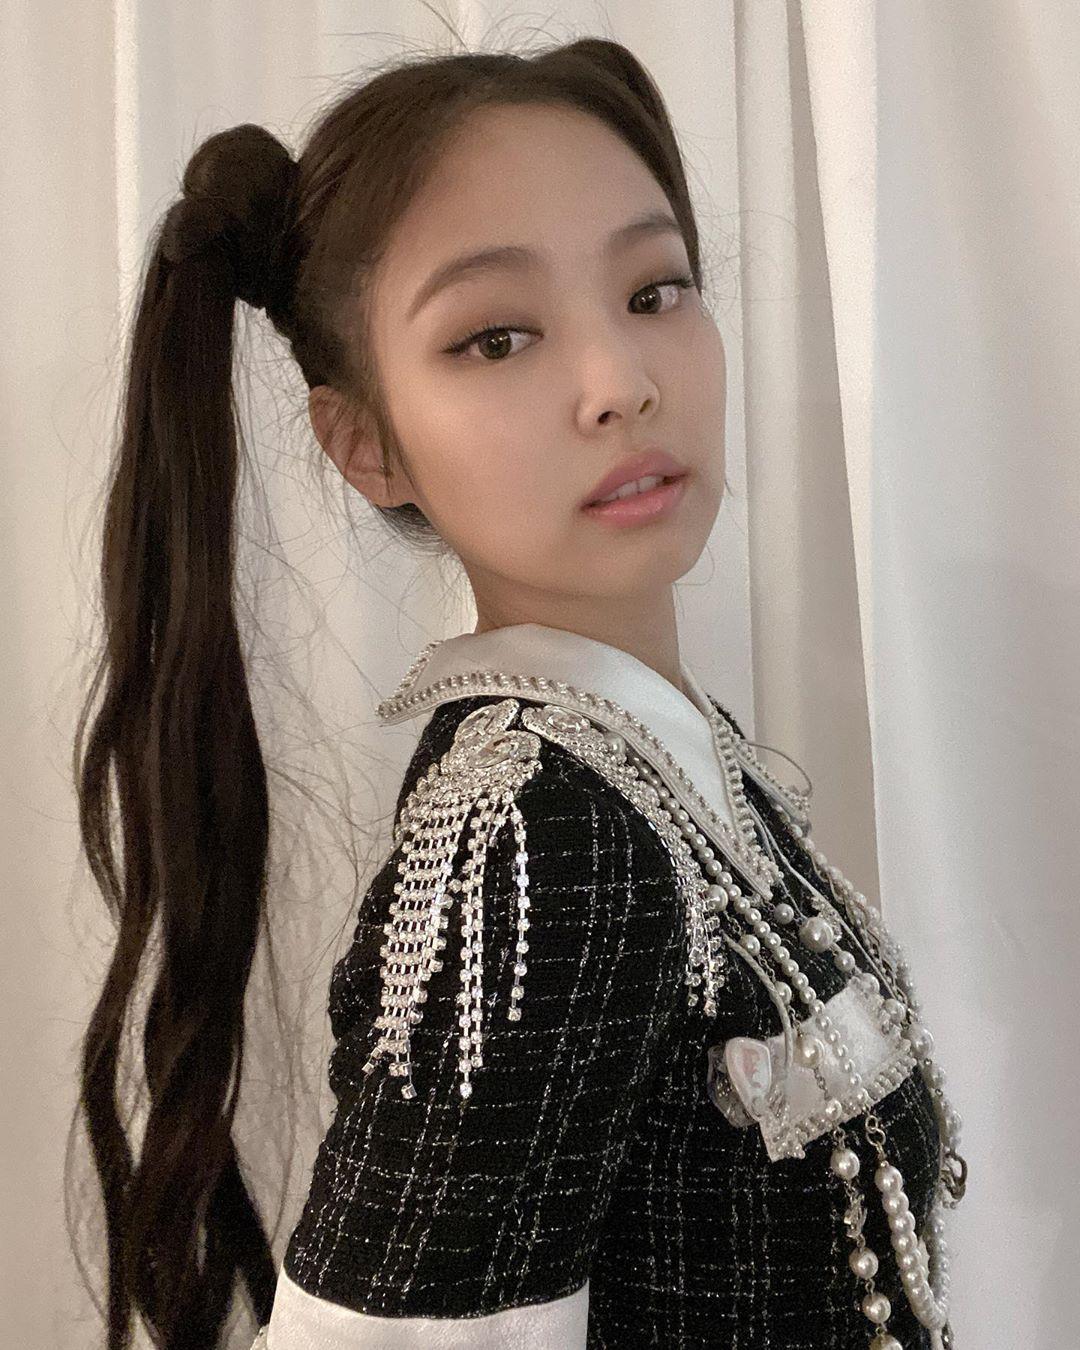 """Nayeon (Twice) bị coi như bản cosplay lỗi của Jennie khi để tóc 2 bên, tạo hình mới lạ nhưng bị chê """"phèn"""" trên tạp chí - Ảnh 9."""